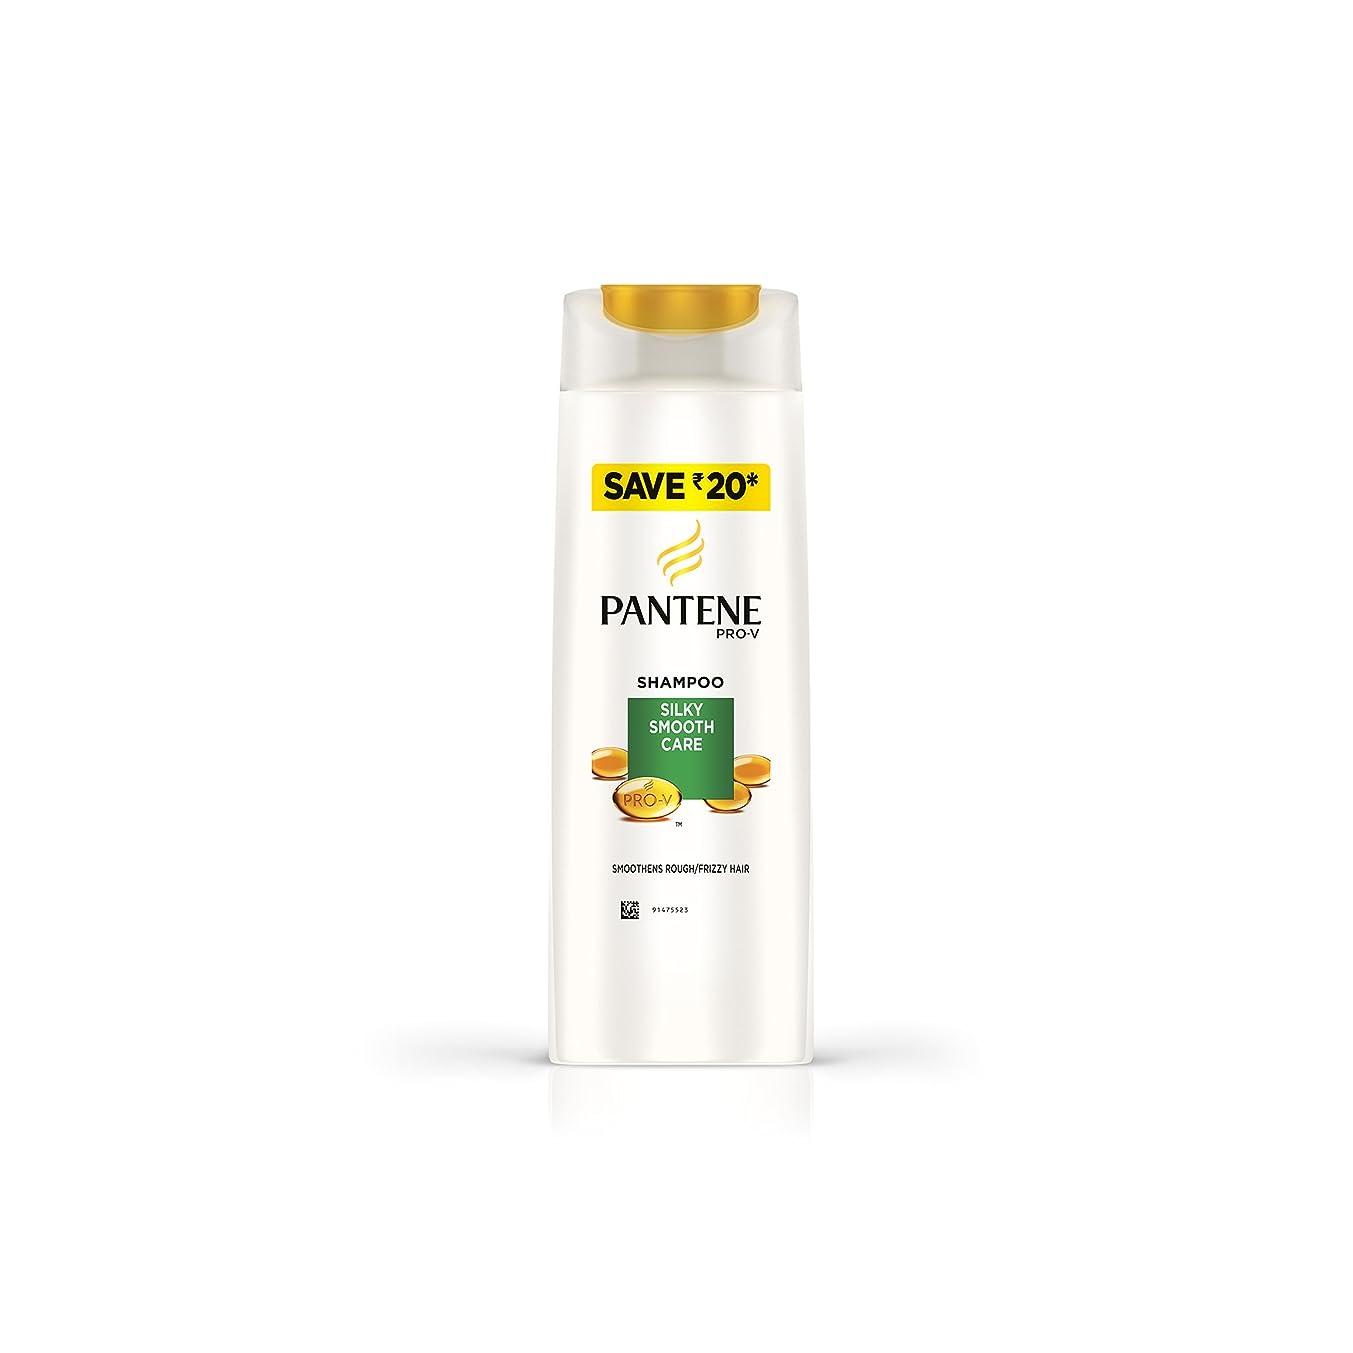 消毒する翻訳する祝うPANTENE SILKY SMOOTH CARE SHAMPOO 180 ml (PANTENE SILKYスムースケアシャンプー180 ml)